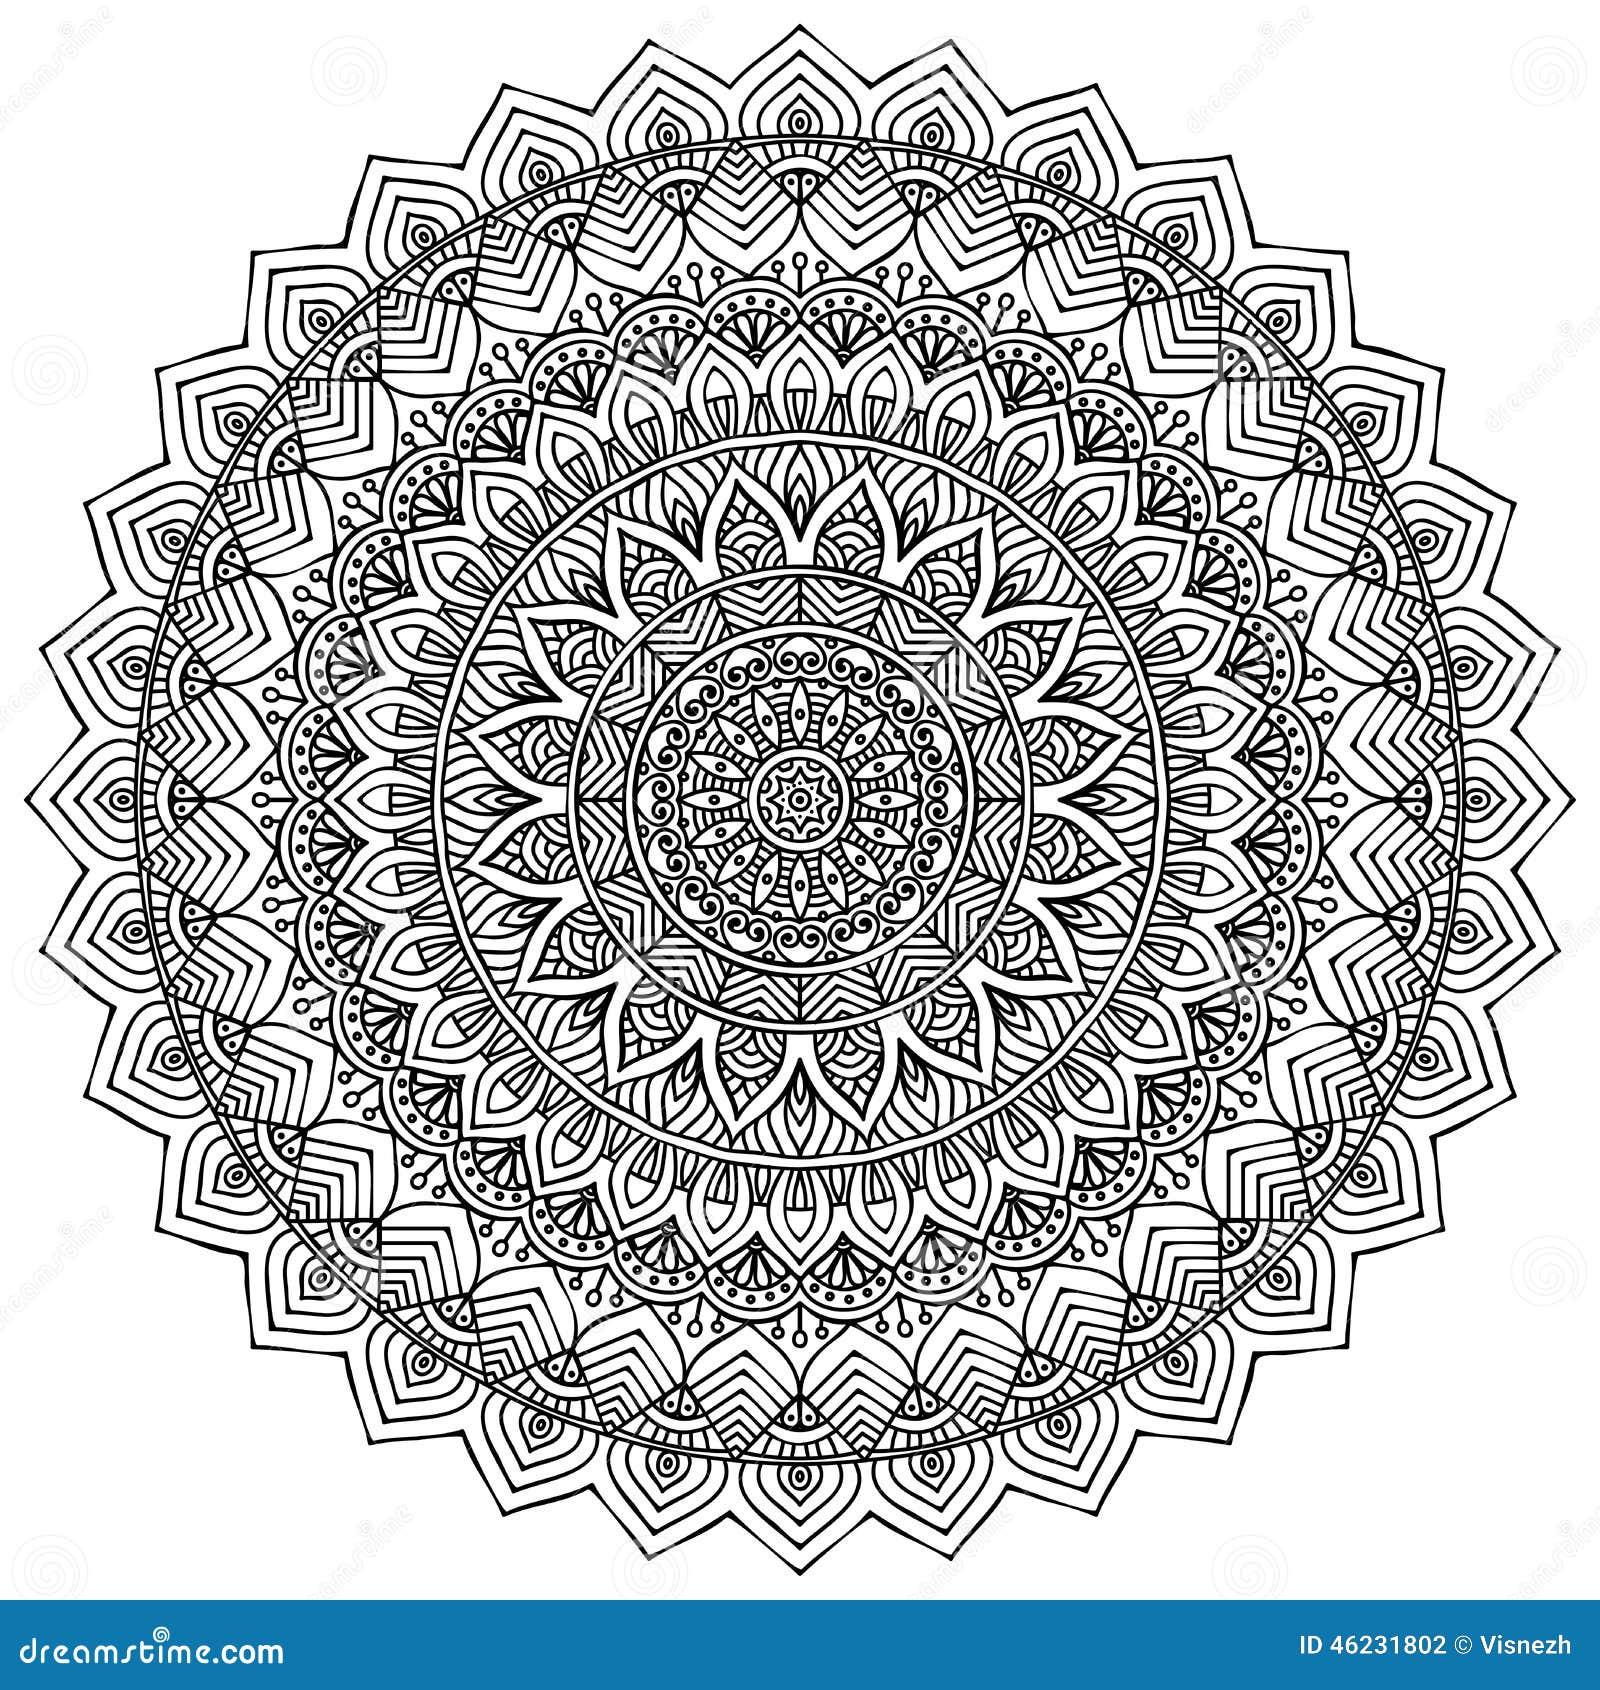 mandala rundes verzierungs muster vektor abbildung illustration von henna identit t 46231802. Black Bedroom Furniture Sets. Home Design Ideas